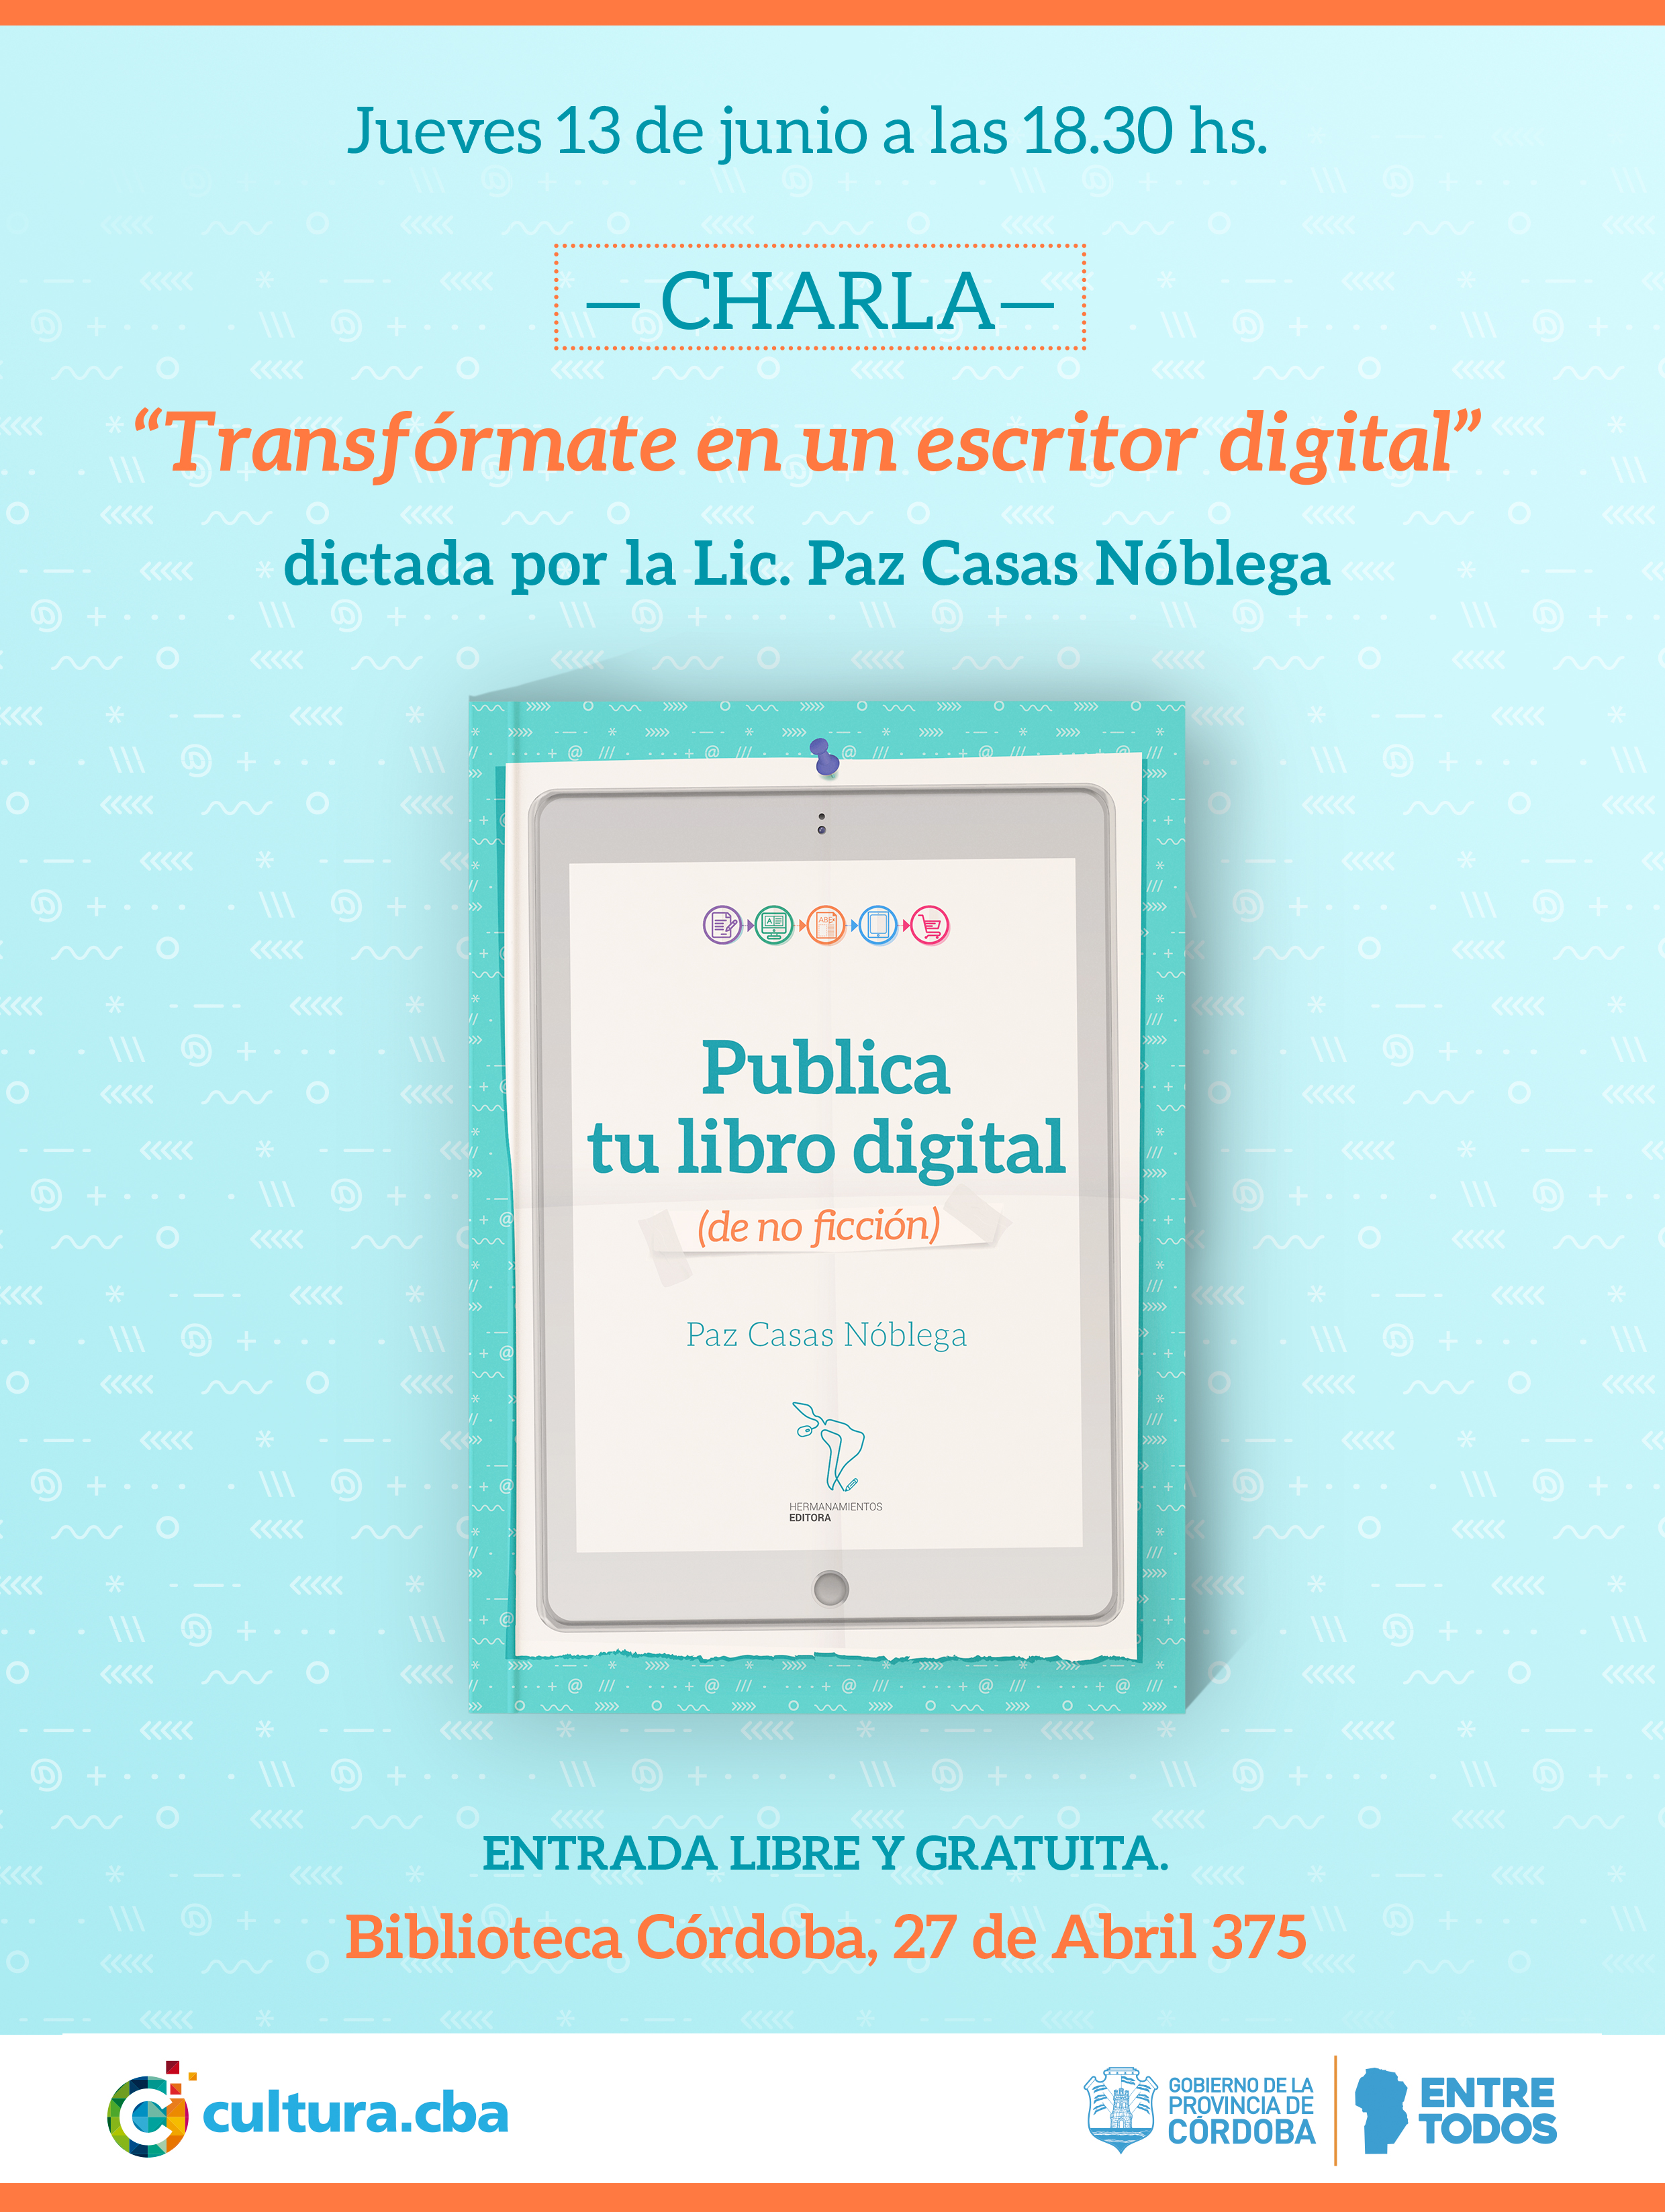 Transfórmate en un escritor digital